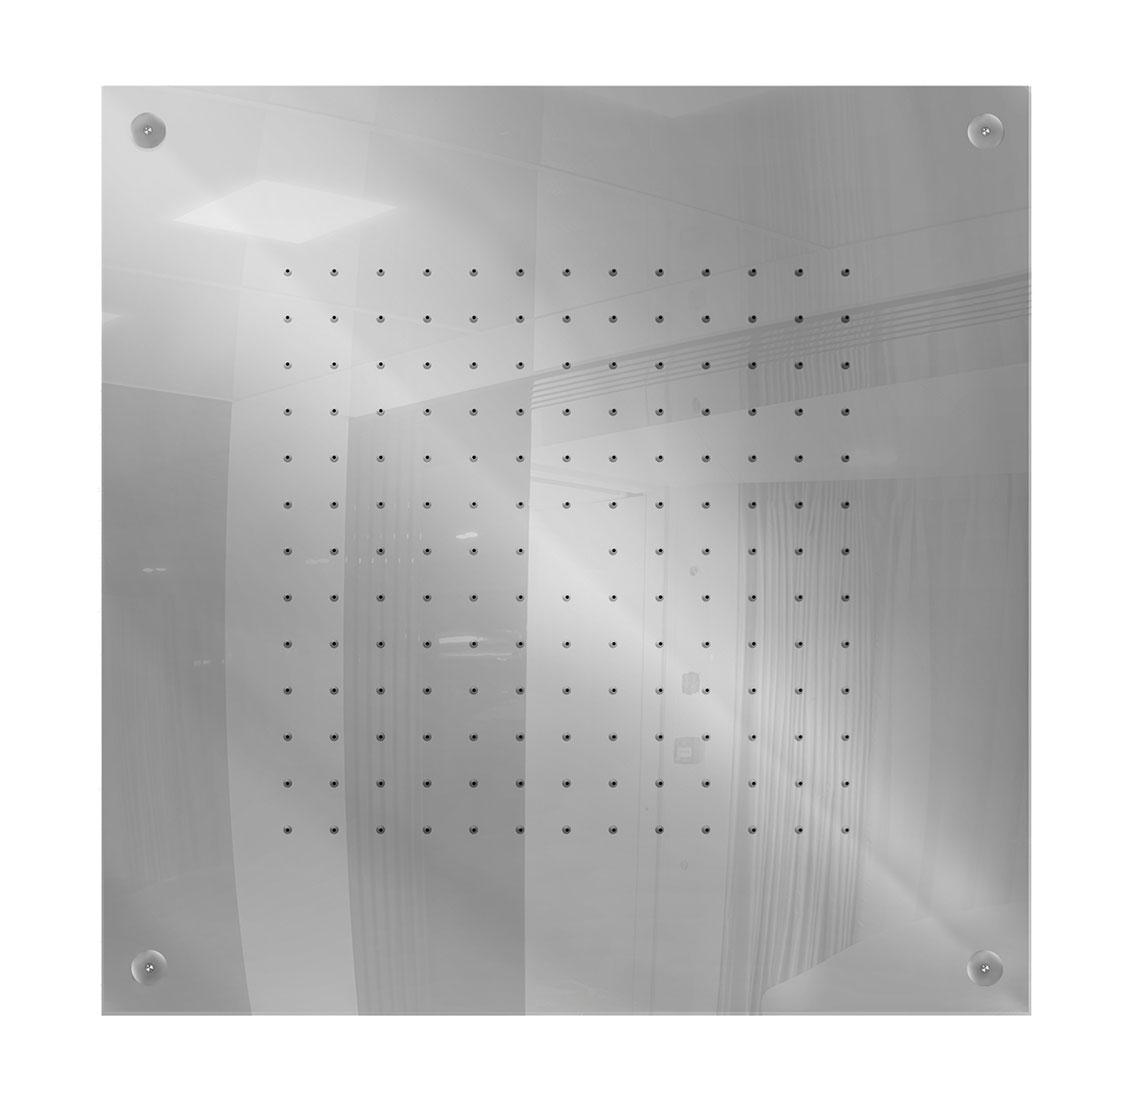 soffione-doccia-acciaio-inox-incasso-quadro-kings-400x400-mm.jpg